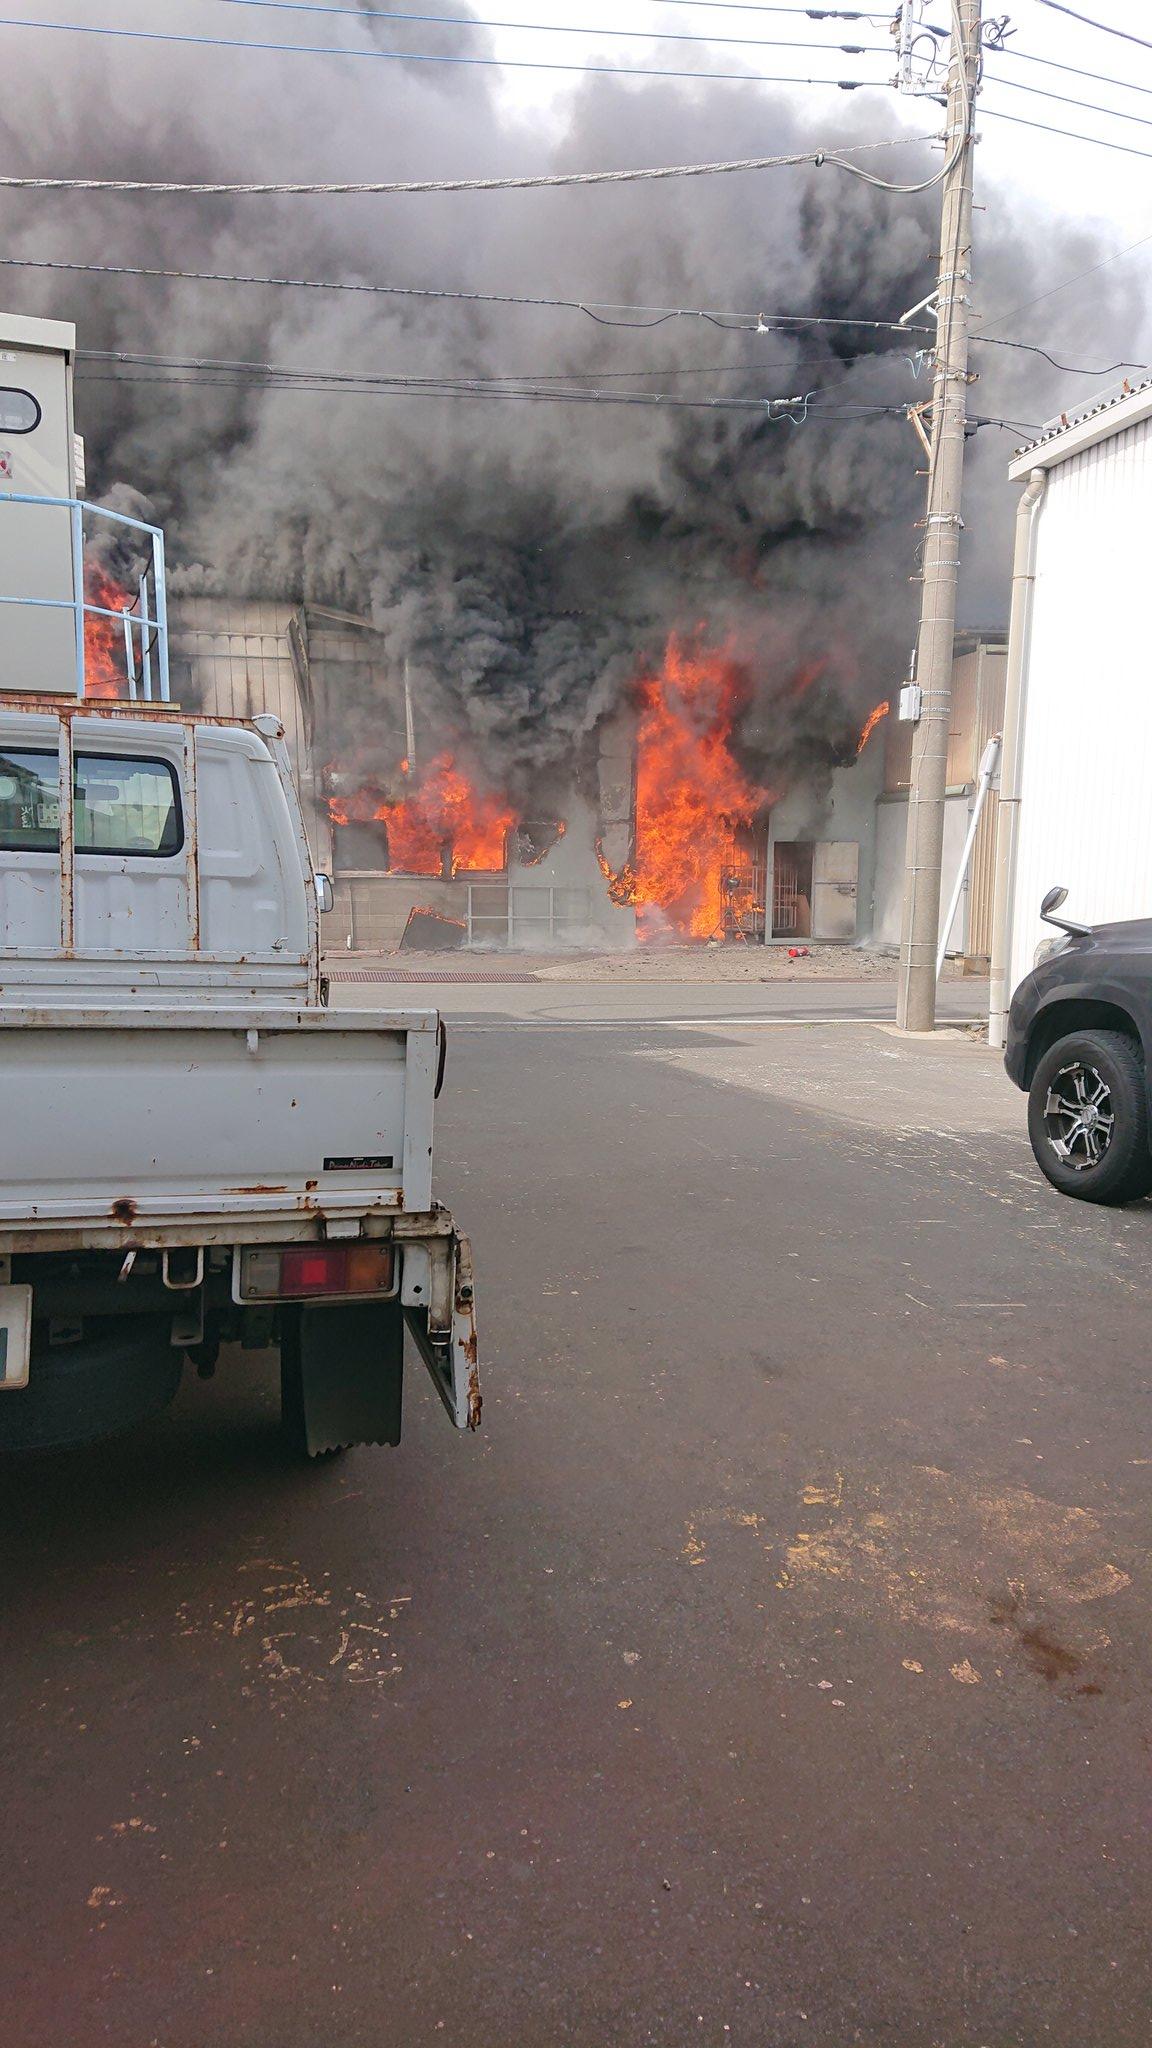 相模原市中央区小町通で爆発伴う火事の現場画像